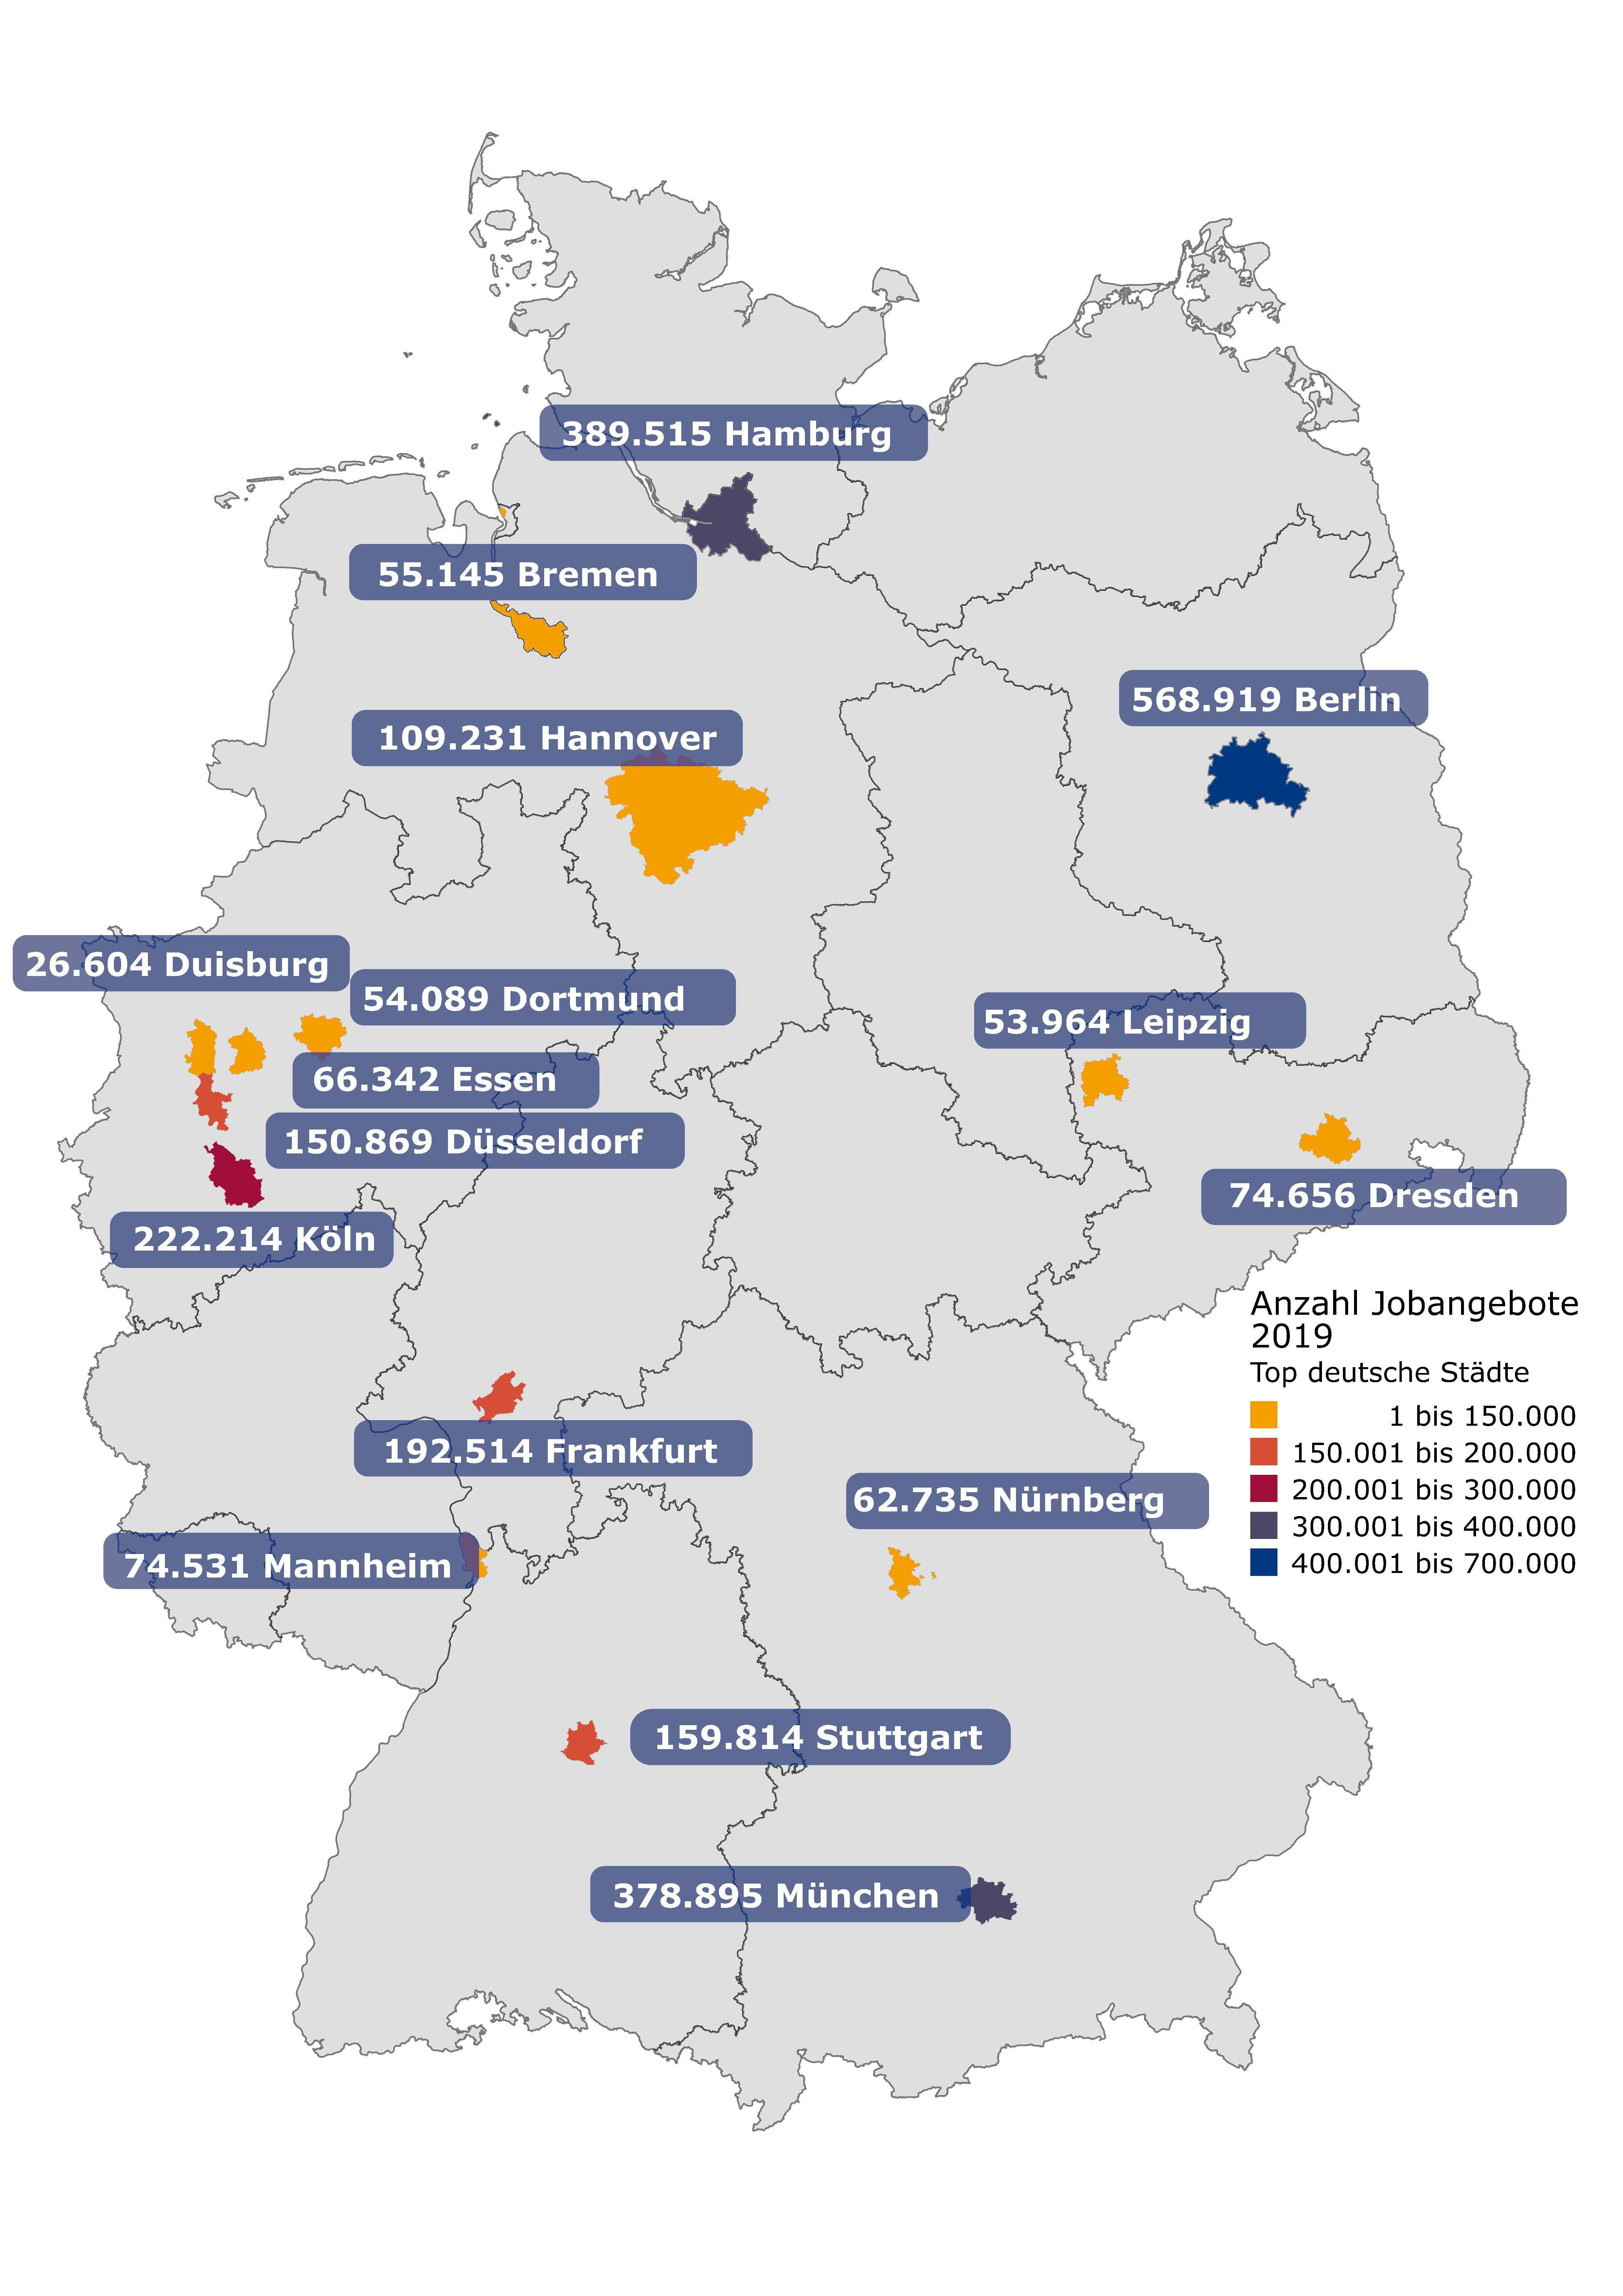 Stellenmarkt 2019 Top Städte